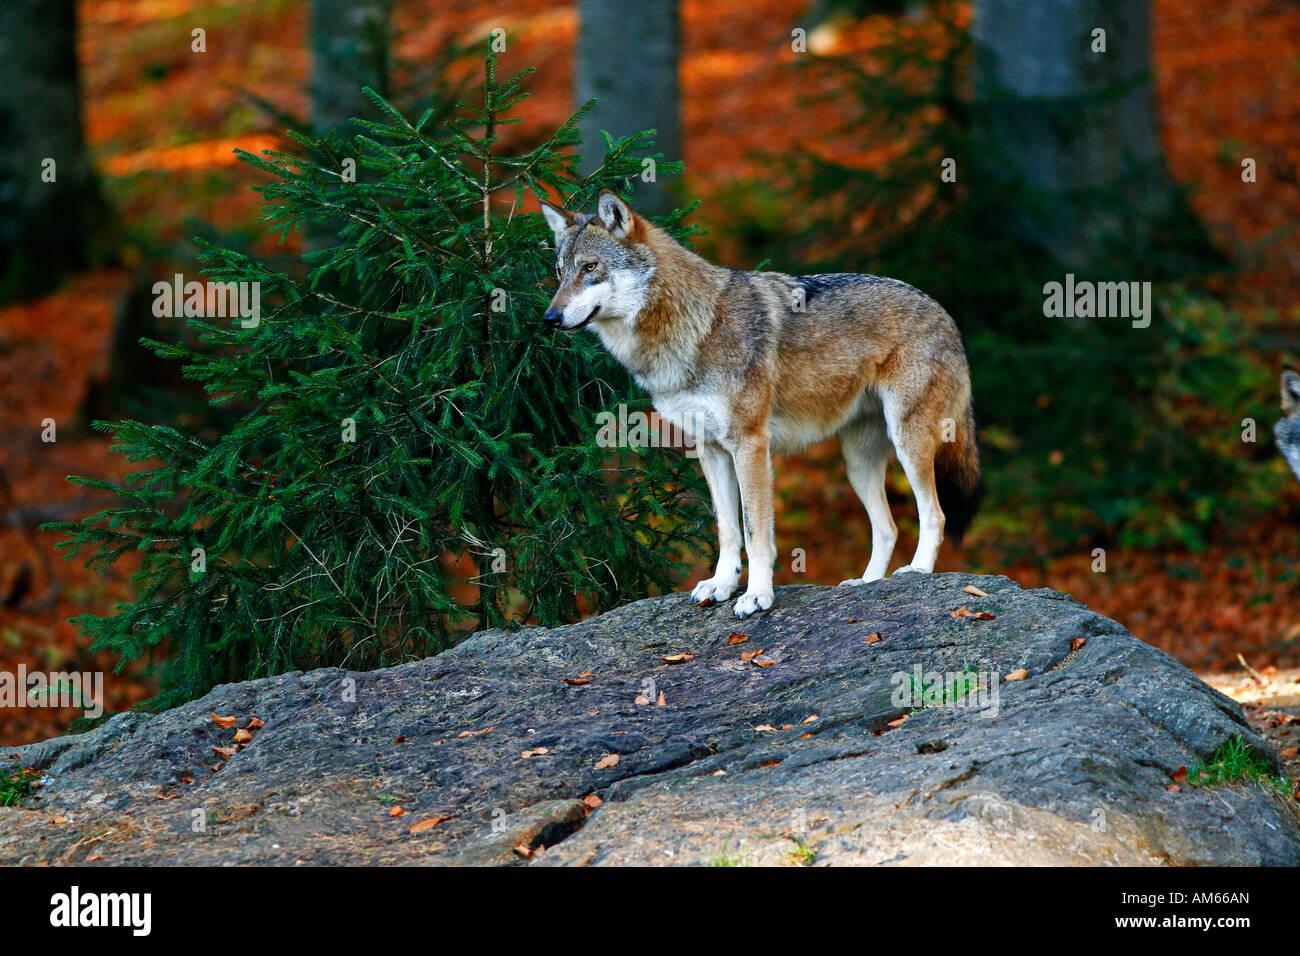 Grauer Wolf (Canis Lupus) in herbstliche Landschaft, Freigehege Bayerischer Wald, Deutschland Stockbild